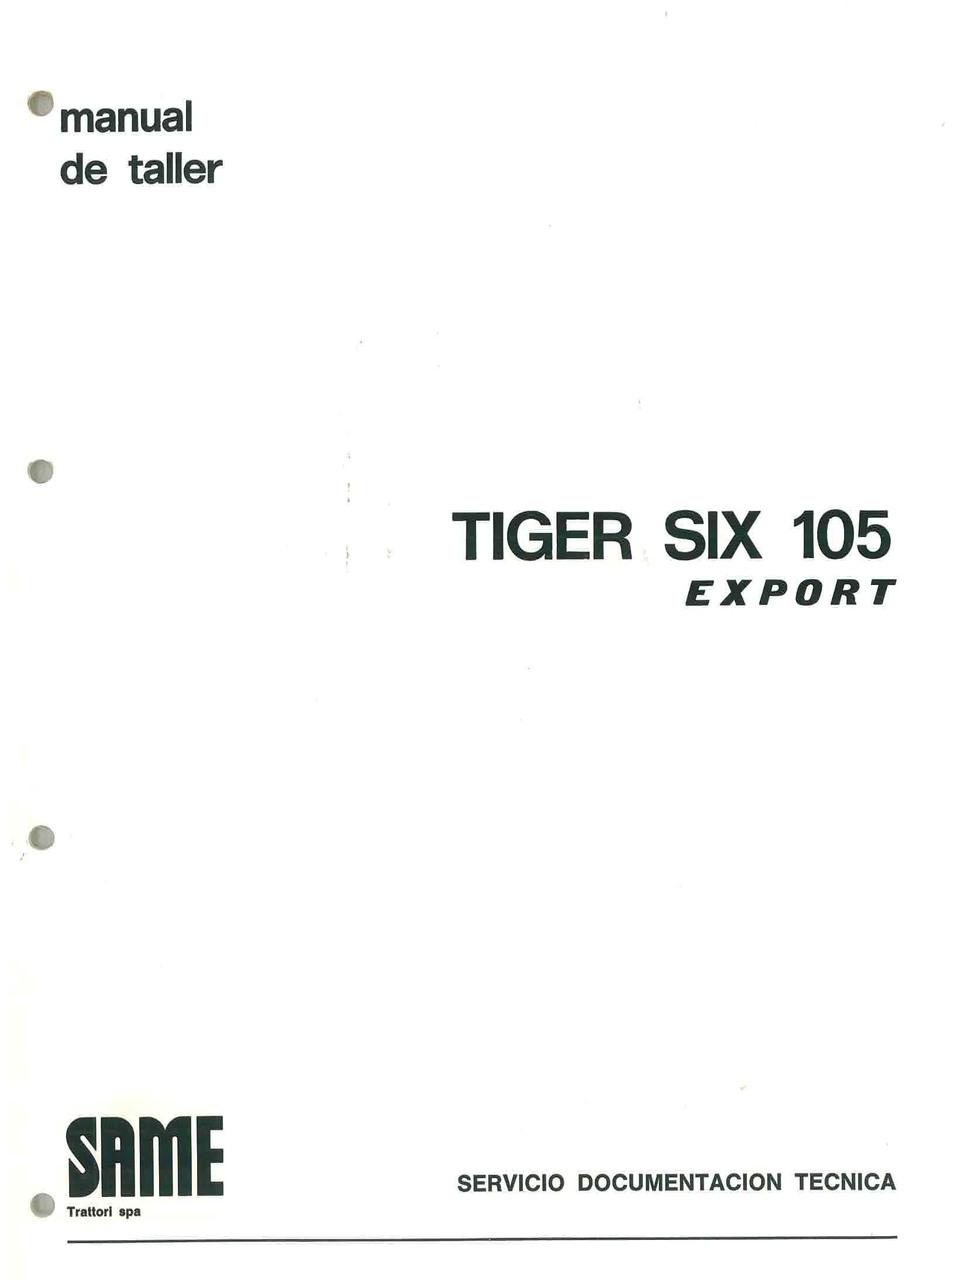 TIGER SIX 105 EXPORT - Manual de Taller